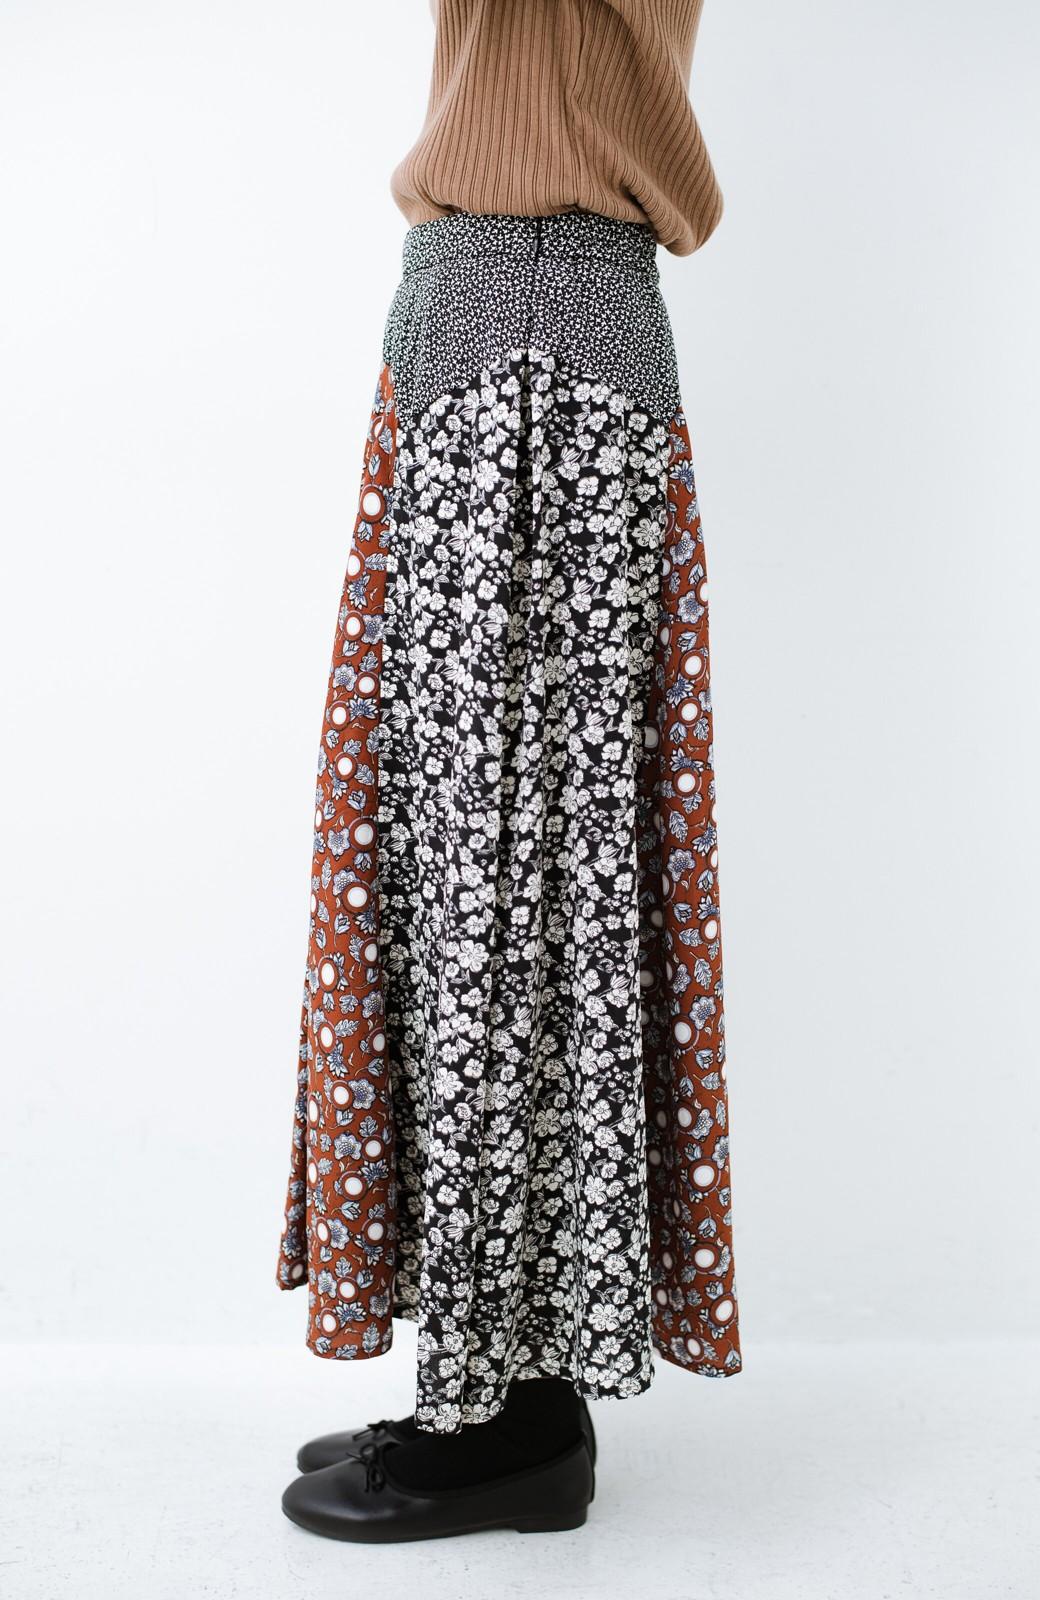 haco! 【洗濯機洗いOK】シンプルなトップスに合わせるだけでかわいくなれる MIX柄スカート <ブラックミックス>の商品写真7